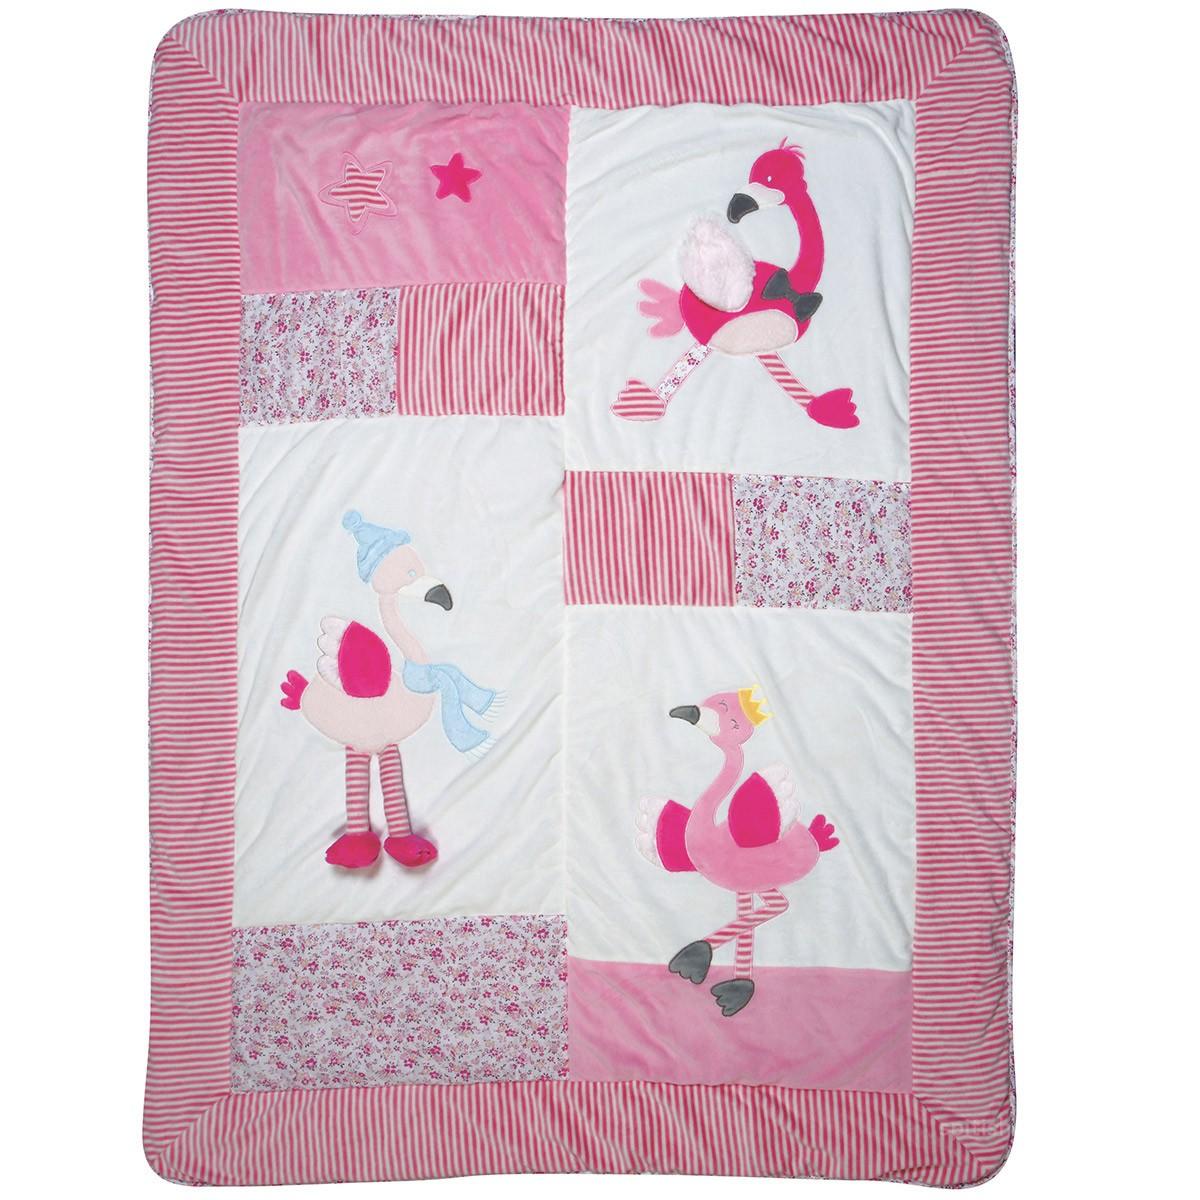 Κουβερλί Κούνιας (Σετ) Das Home Dream Embroidery 6464 89914